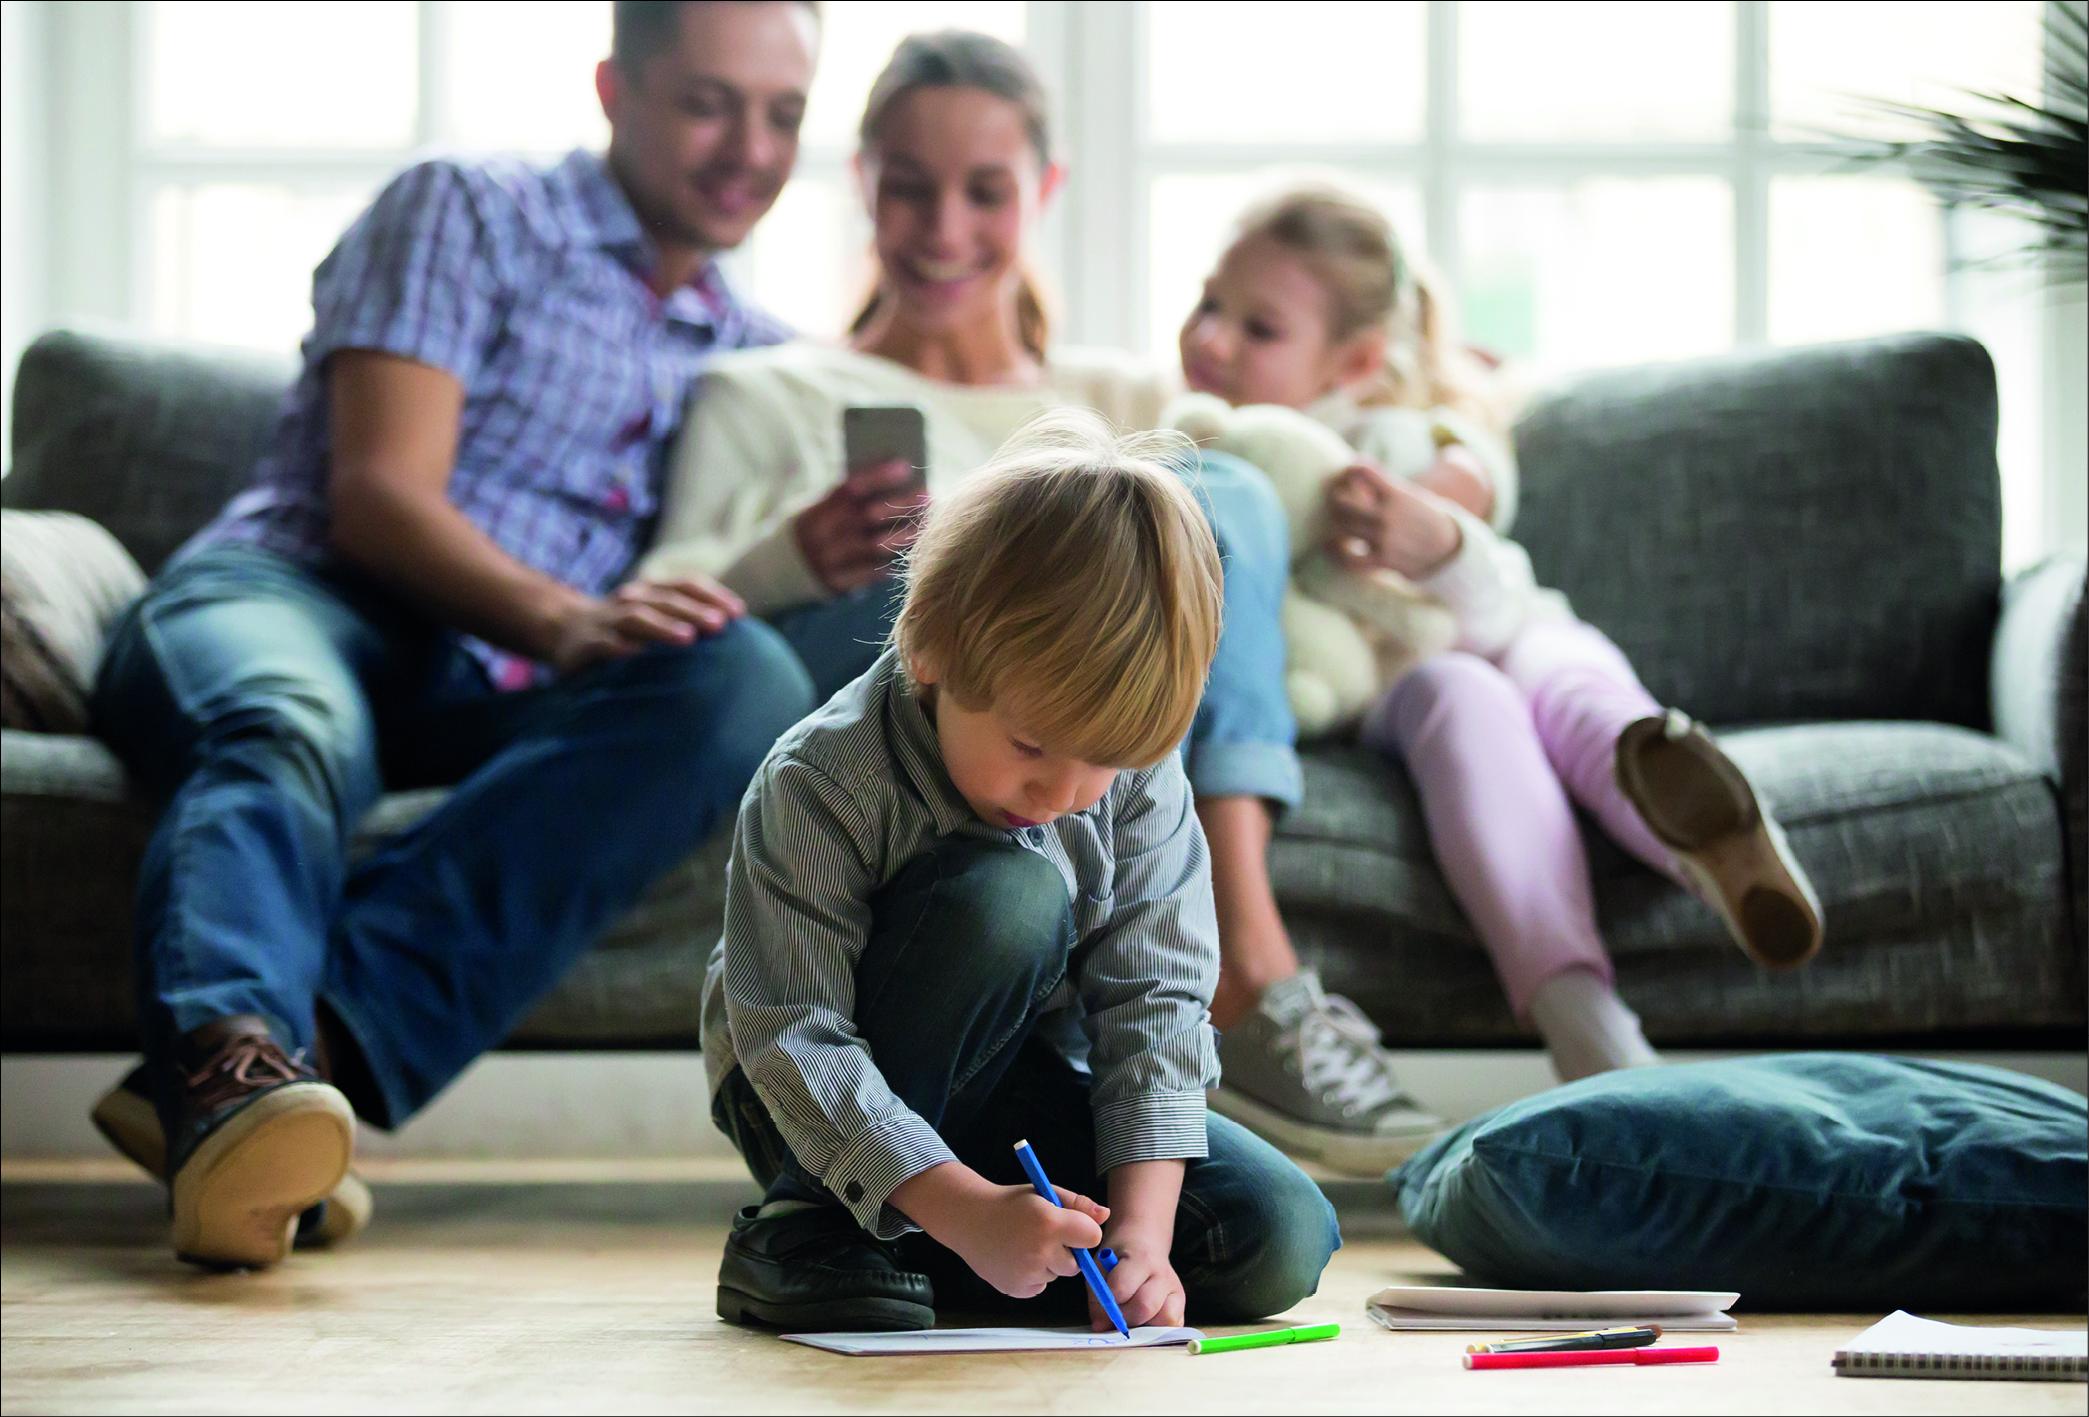 Eltern sitzen mit Tochter auf der Couch, kleiner Junge malt auf dem Fußboden sitzend.